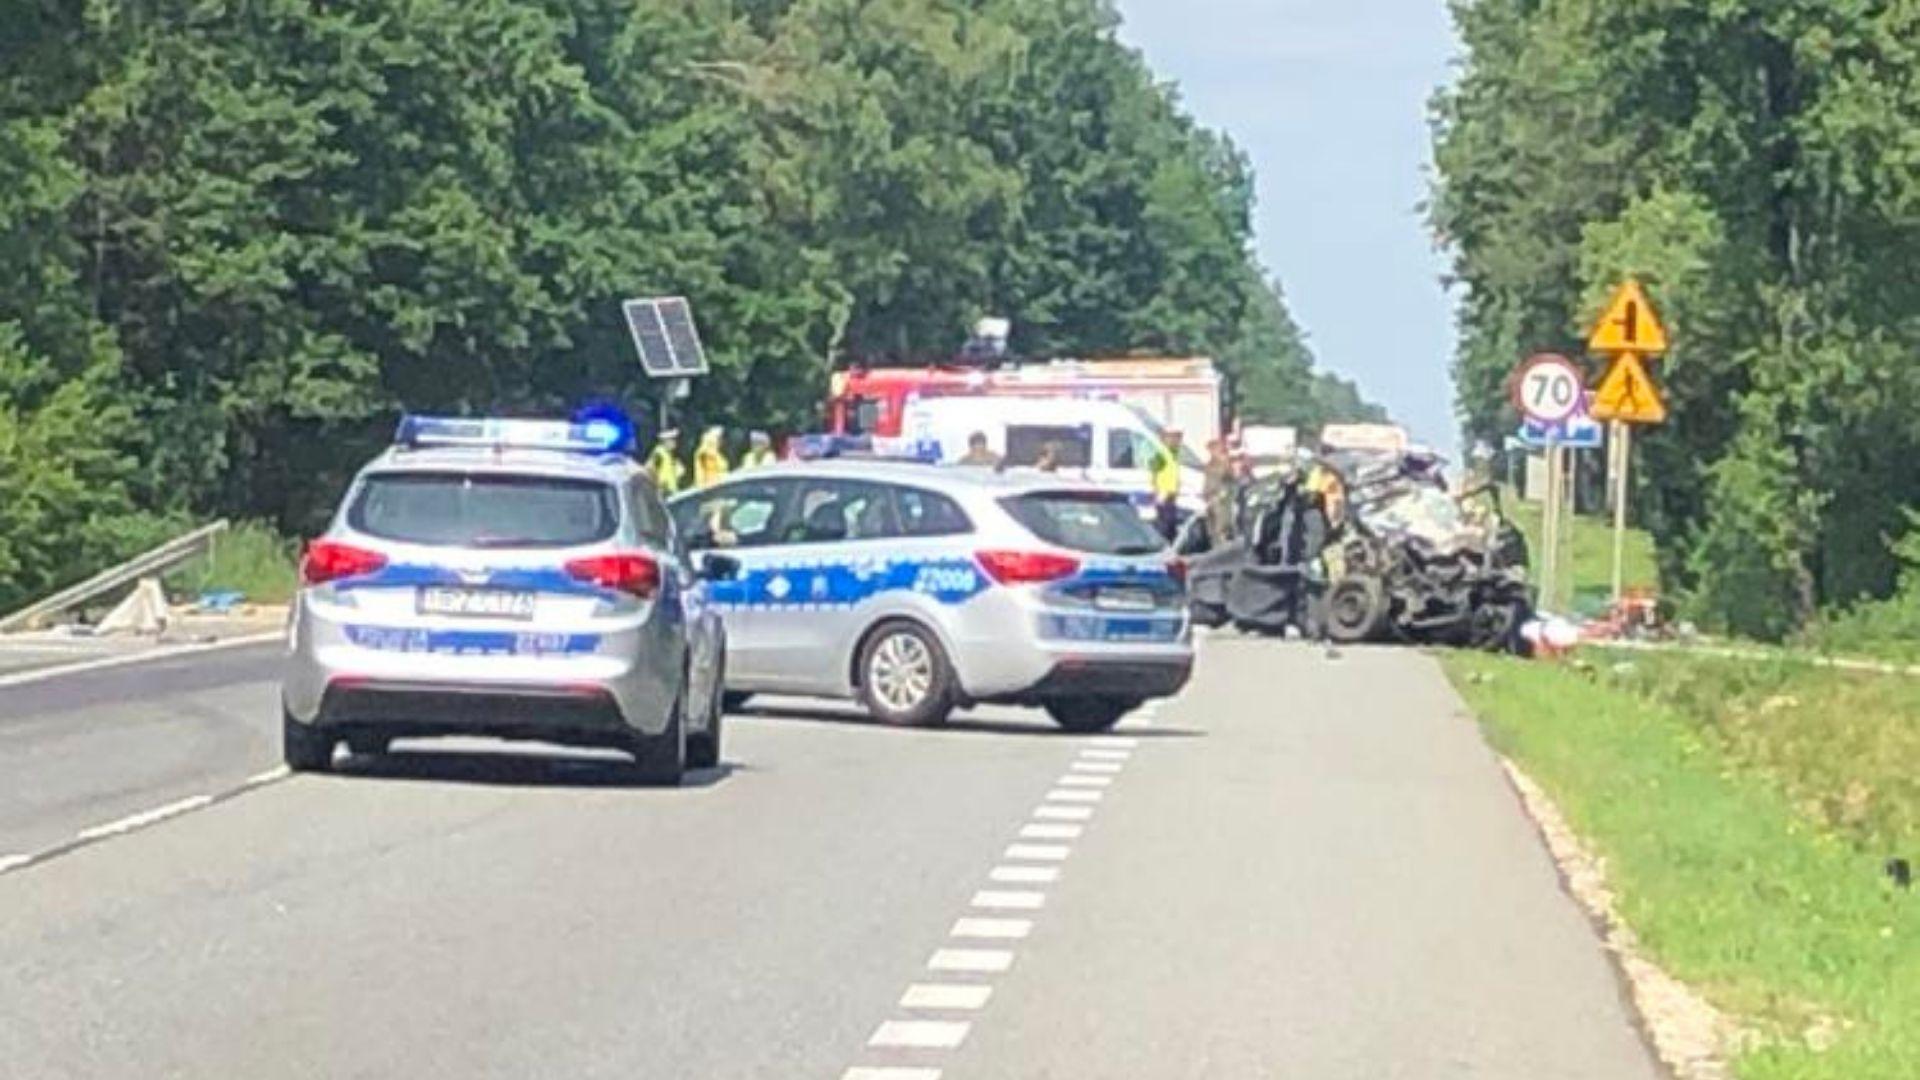 Kierowca TIR-a najprawdopodobniej próbował uniknąć zderzenia z osobówką w Grębiszewie